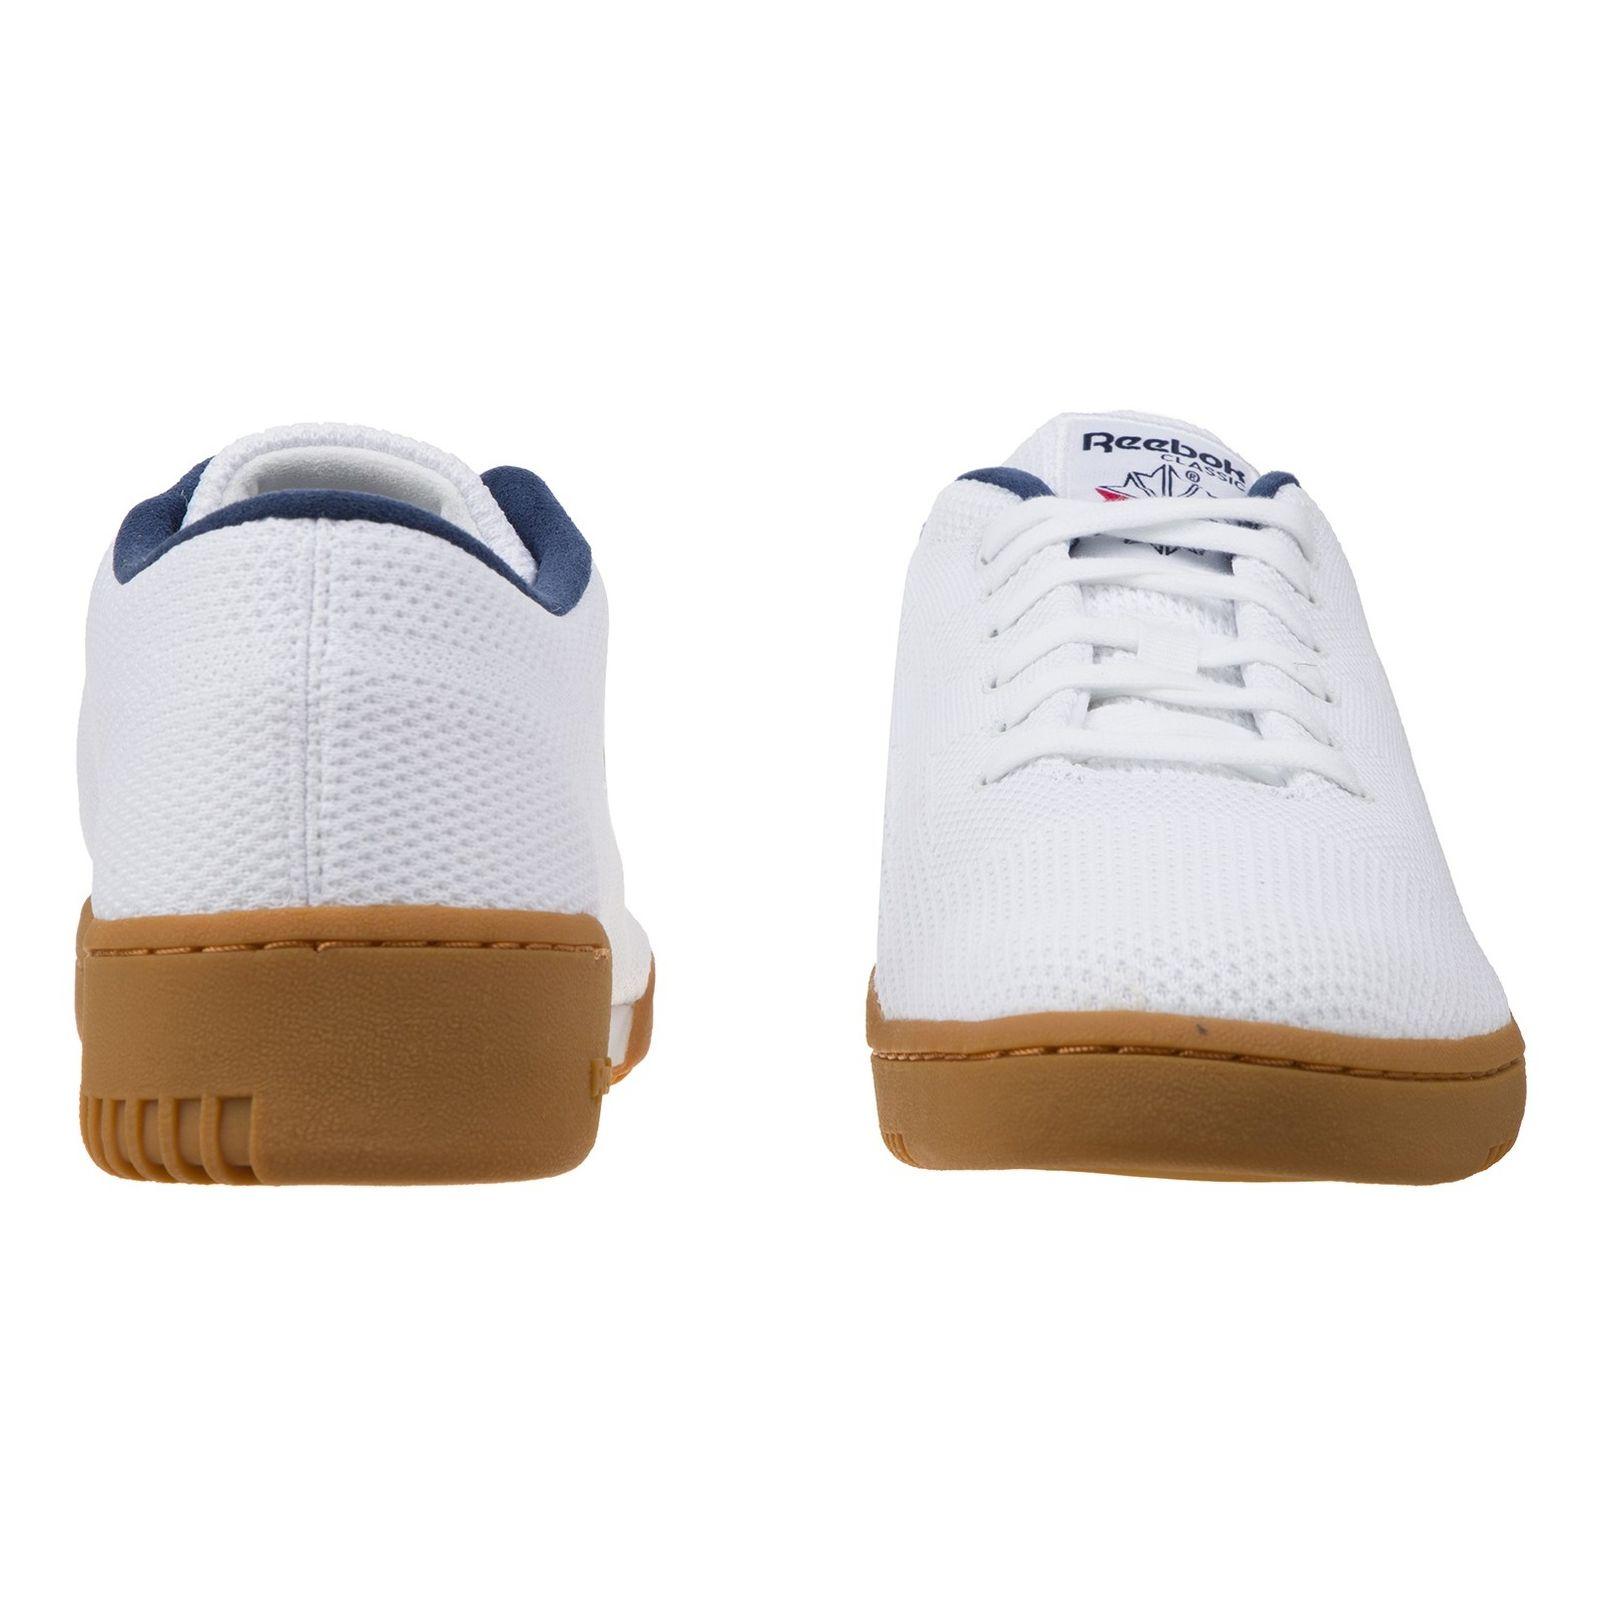 کفش راحتی مردانه ریباک مدل CLEAN OG ULTK - سفيد - 5